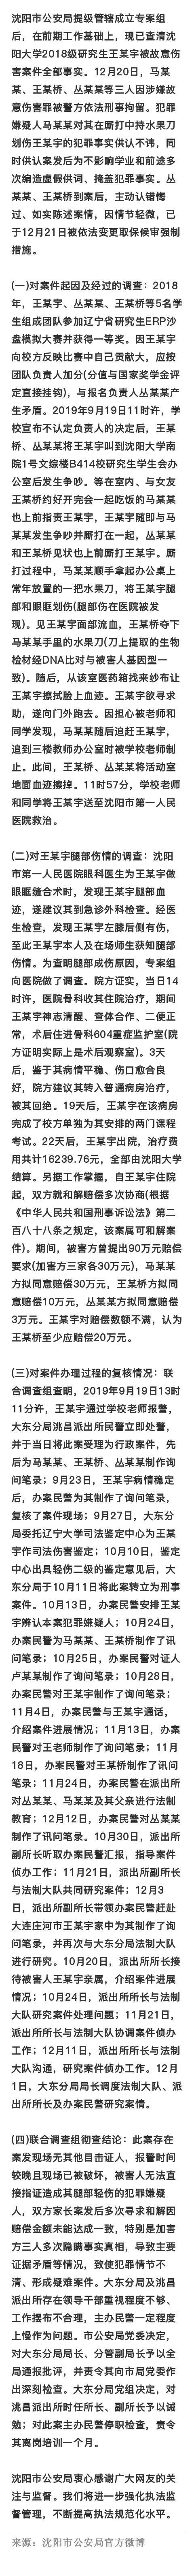 沈阳警方通报大学生校内被人捅伤事件:三人被刑拘 全球新闻风头榜 第1张